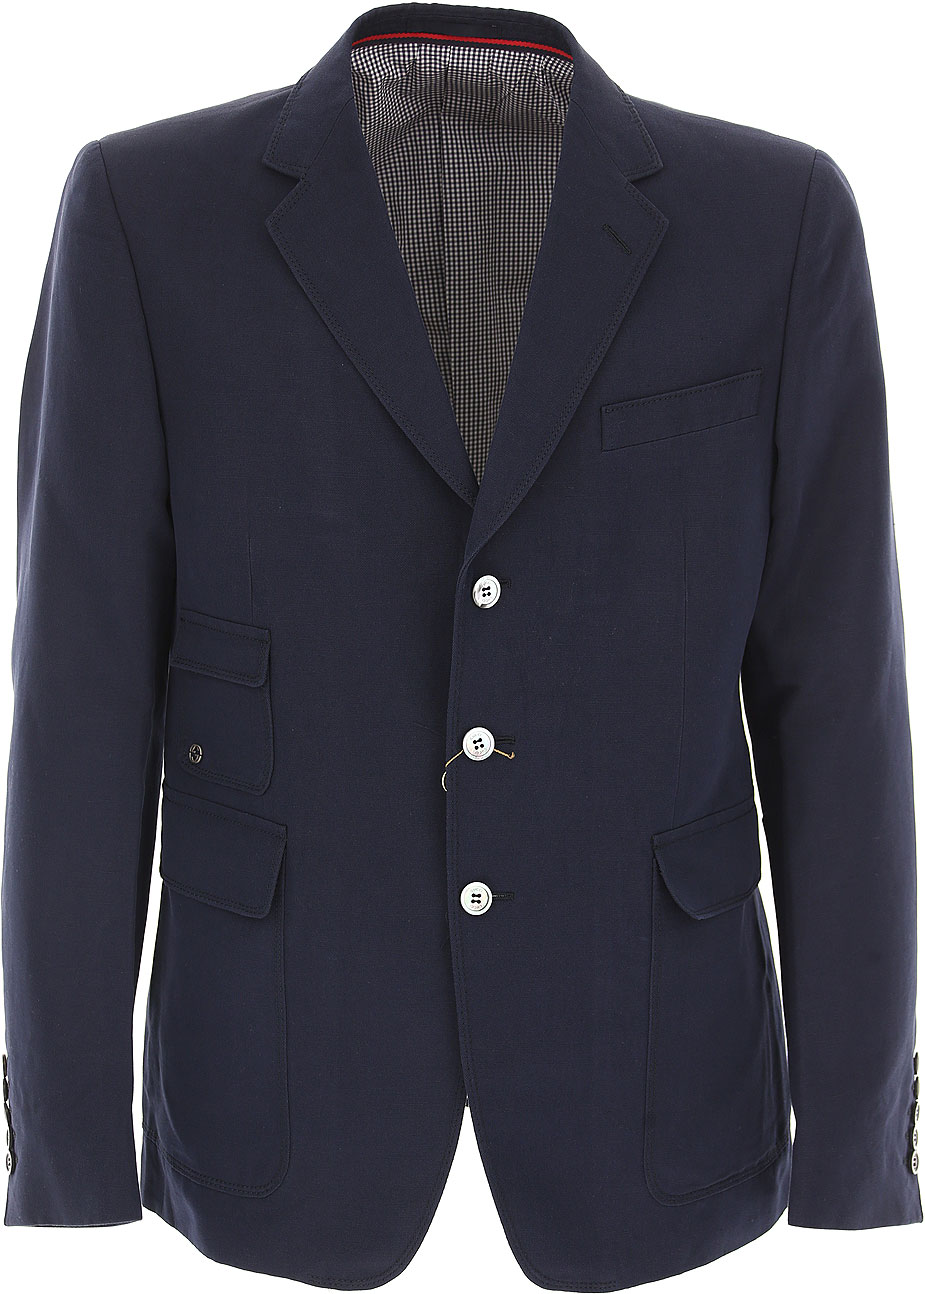 Abbigliamento Uomo Gucci, Codice Articolo: 18spf0-376u02b-B309